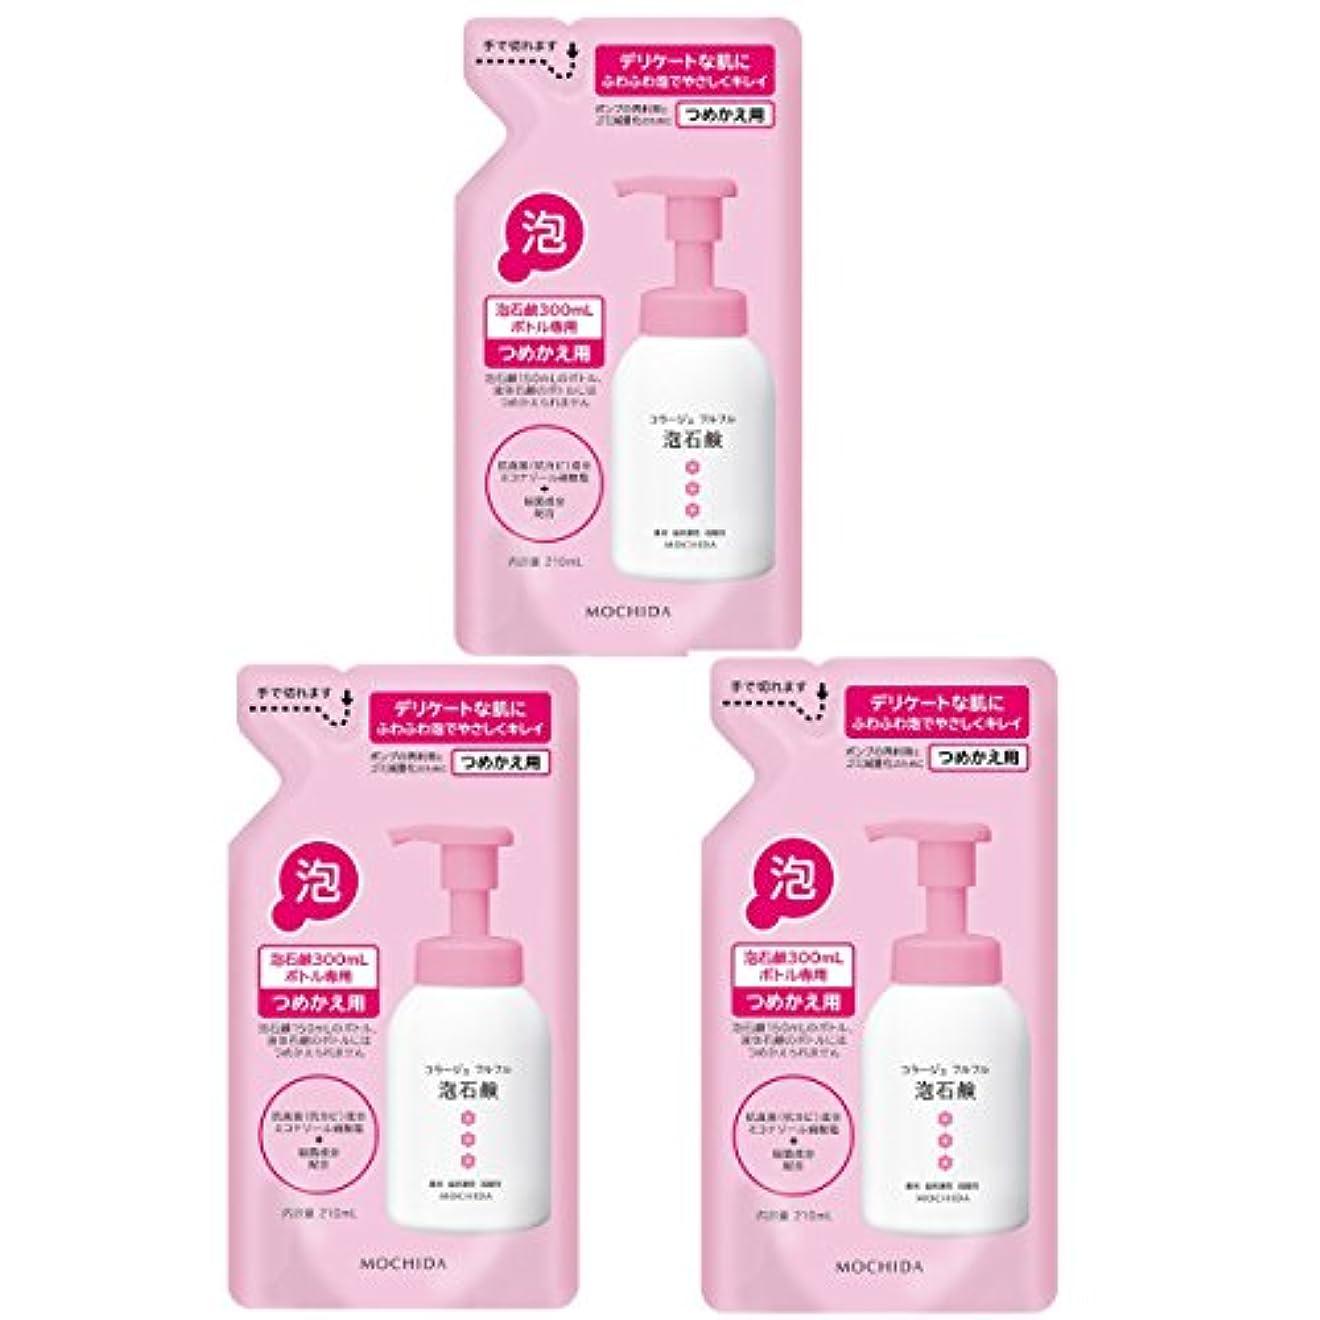 ドメイン相関する不当コラージュフルフル 泡石鹸 ピンク つめかえ用 210mL (医薬部外品)×3